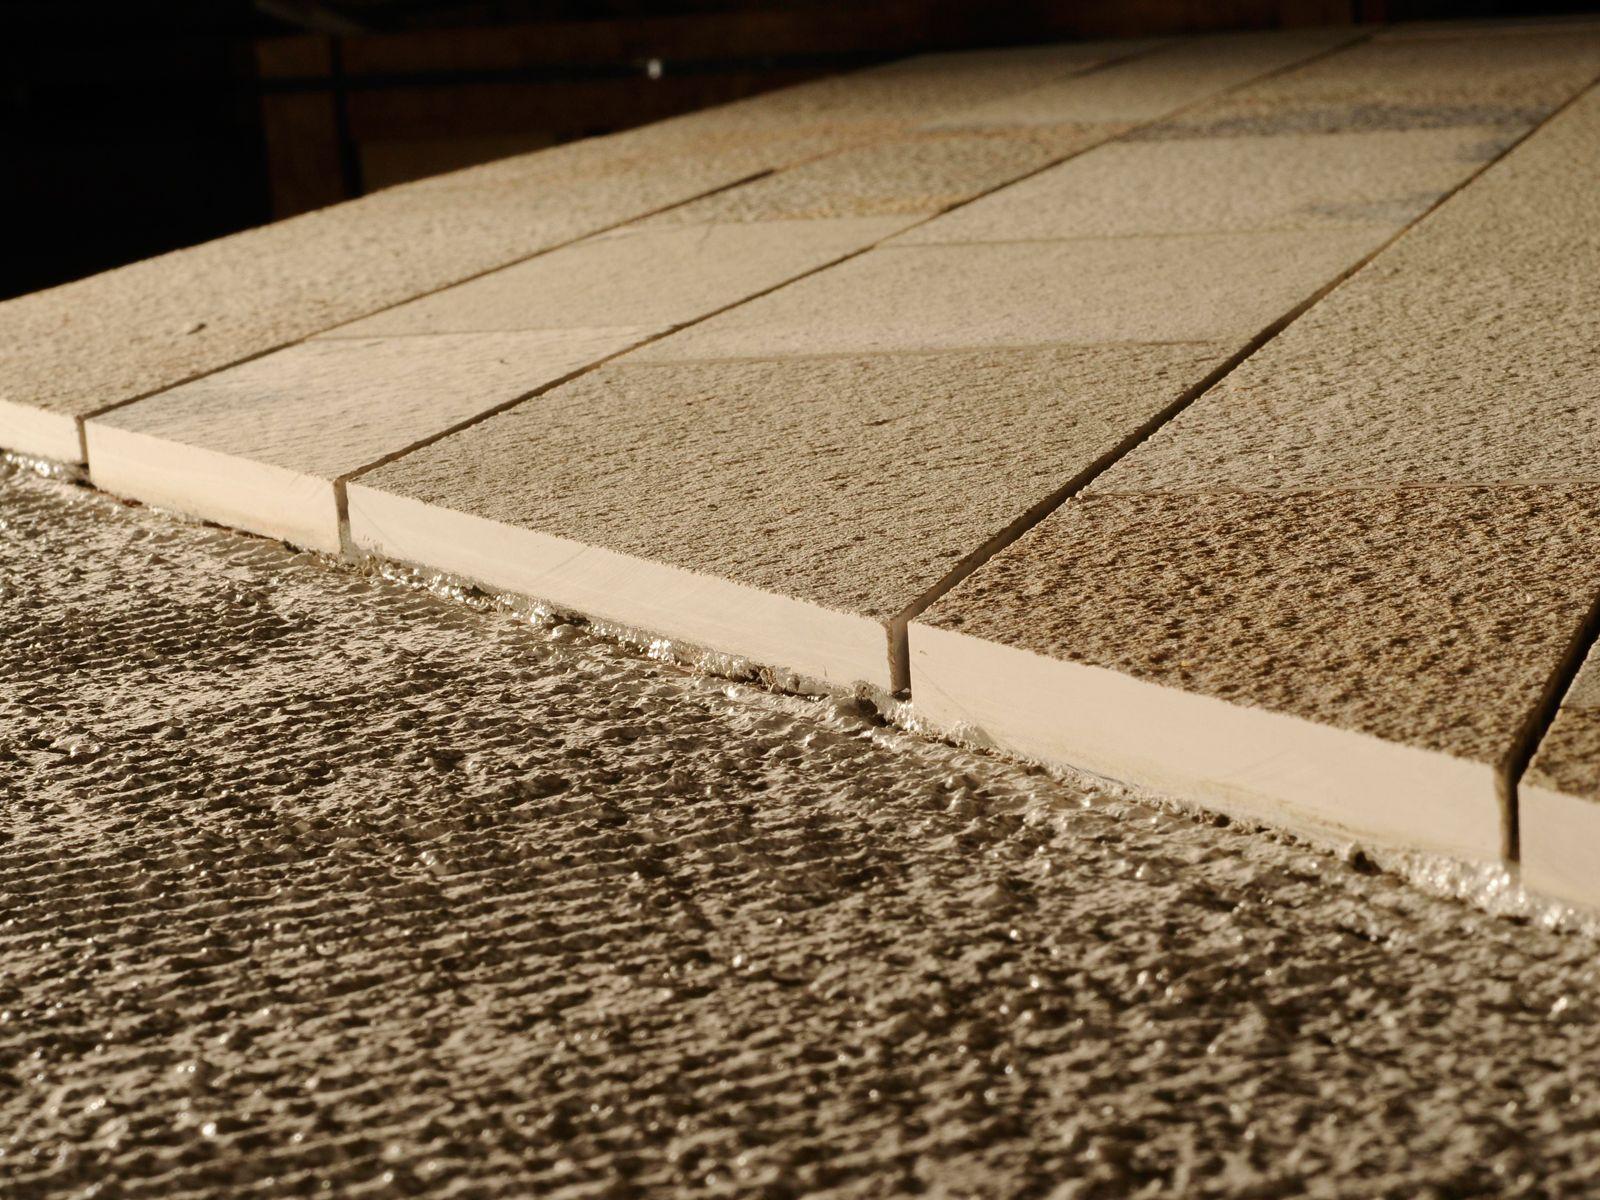 Detalle del encolado de la piedra solnhofen en capa media - Materiales de construccion en alicante ...